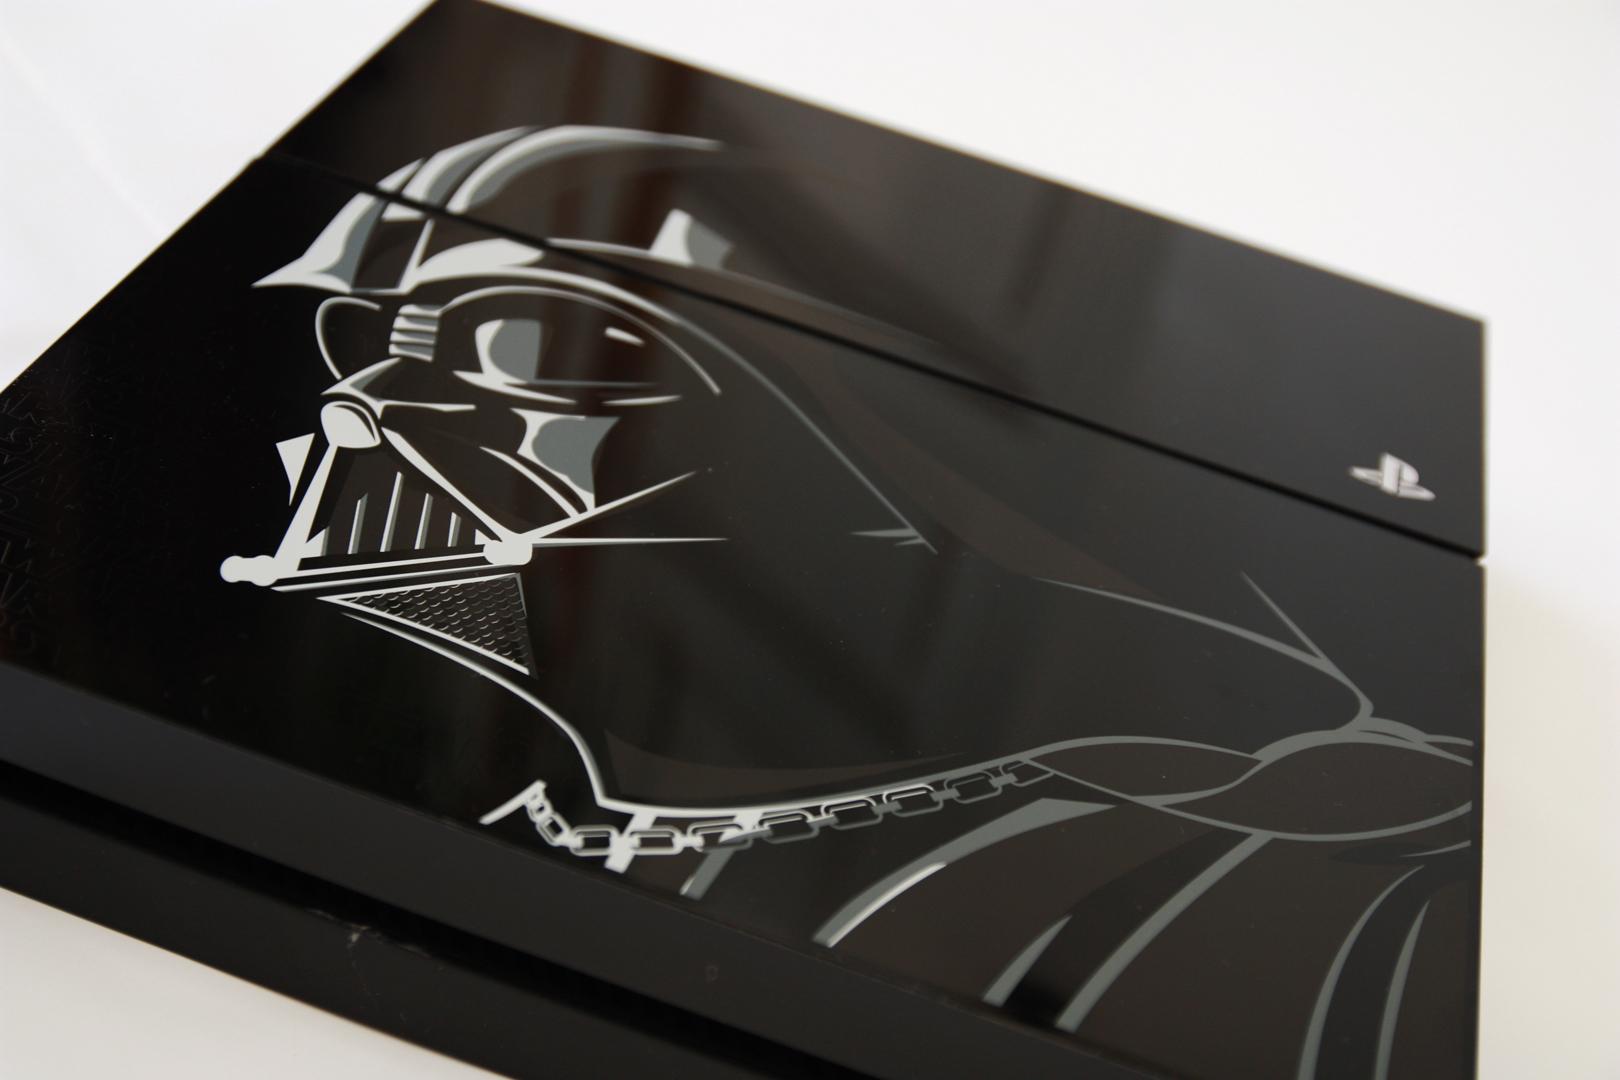 PS4 Darth Vader Limited Edition